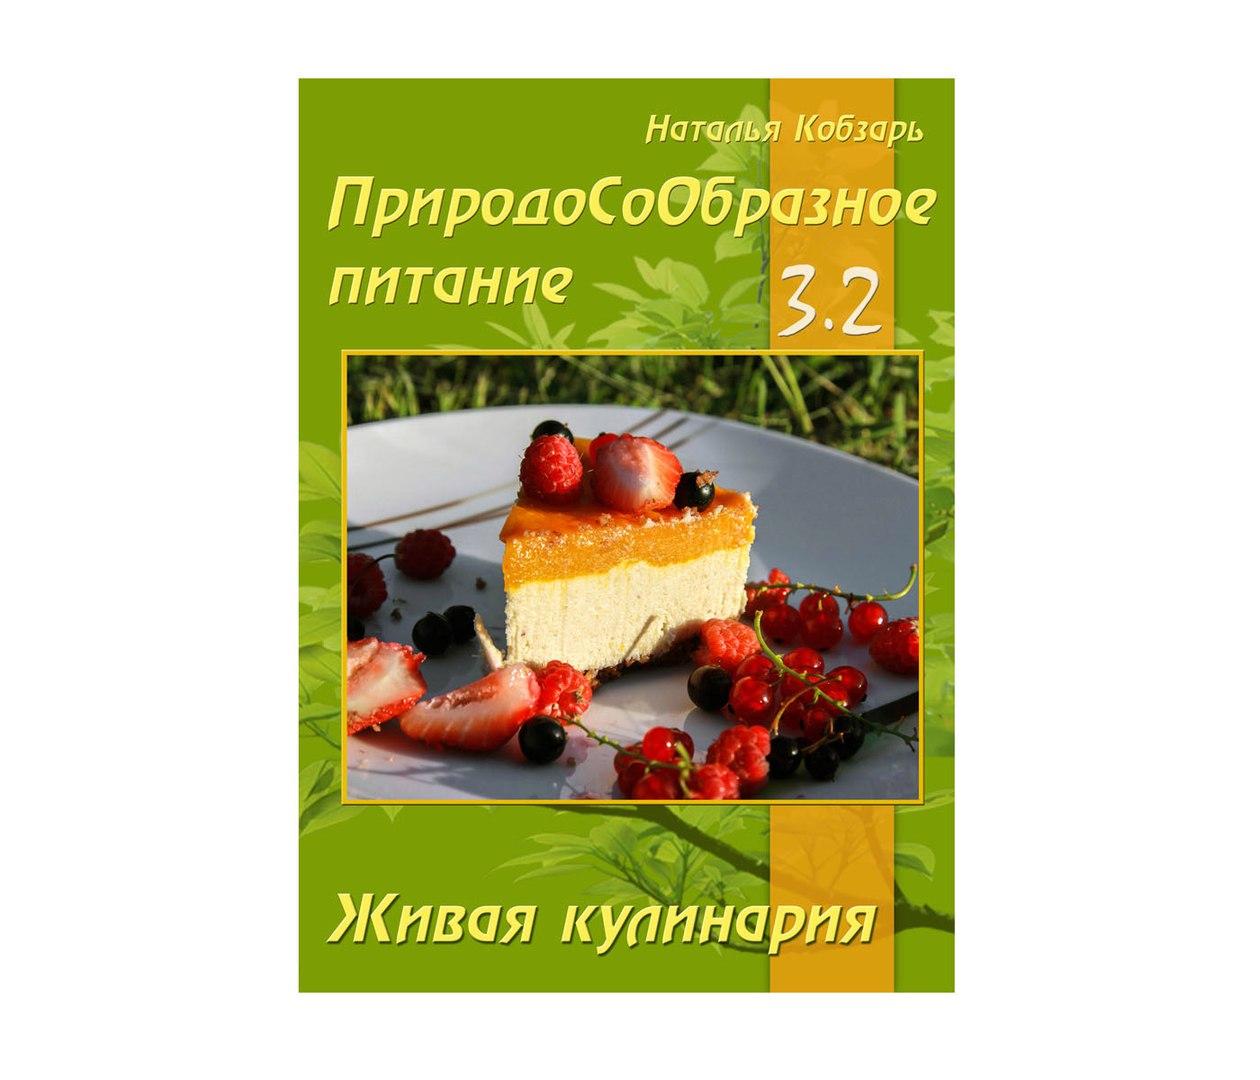 ПриродоСоОбразное питание. Живая кулинария. Часть 3-2 / Кобзарь Н.